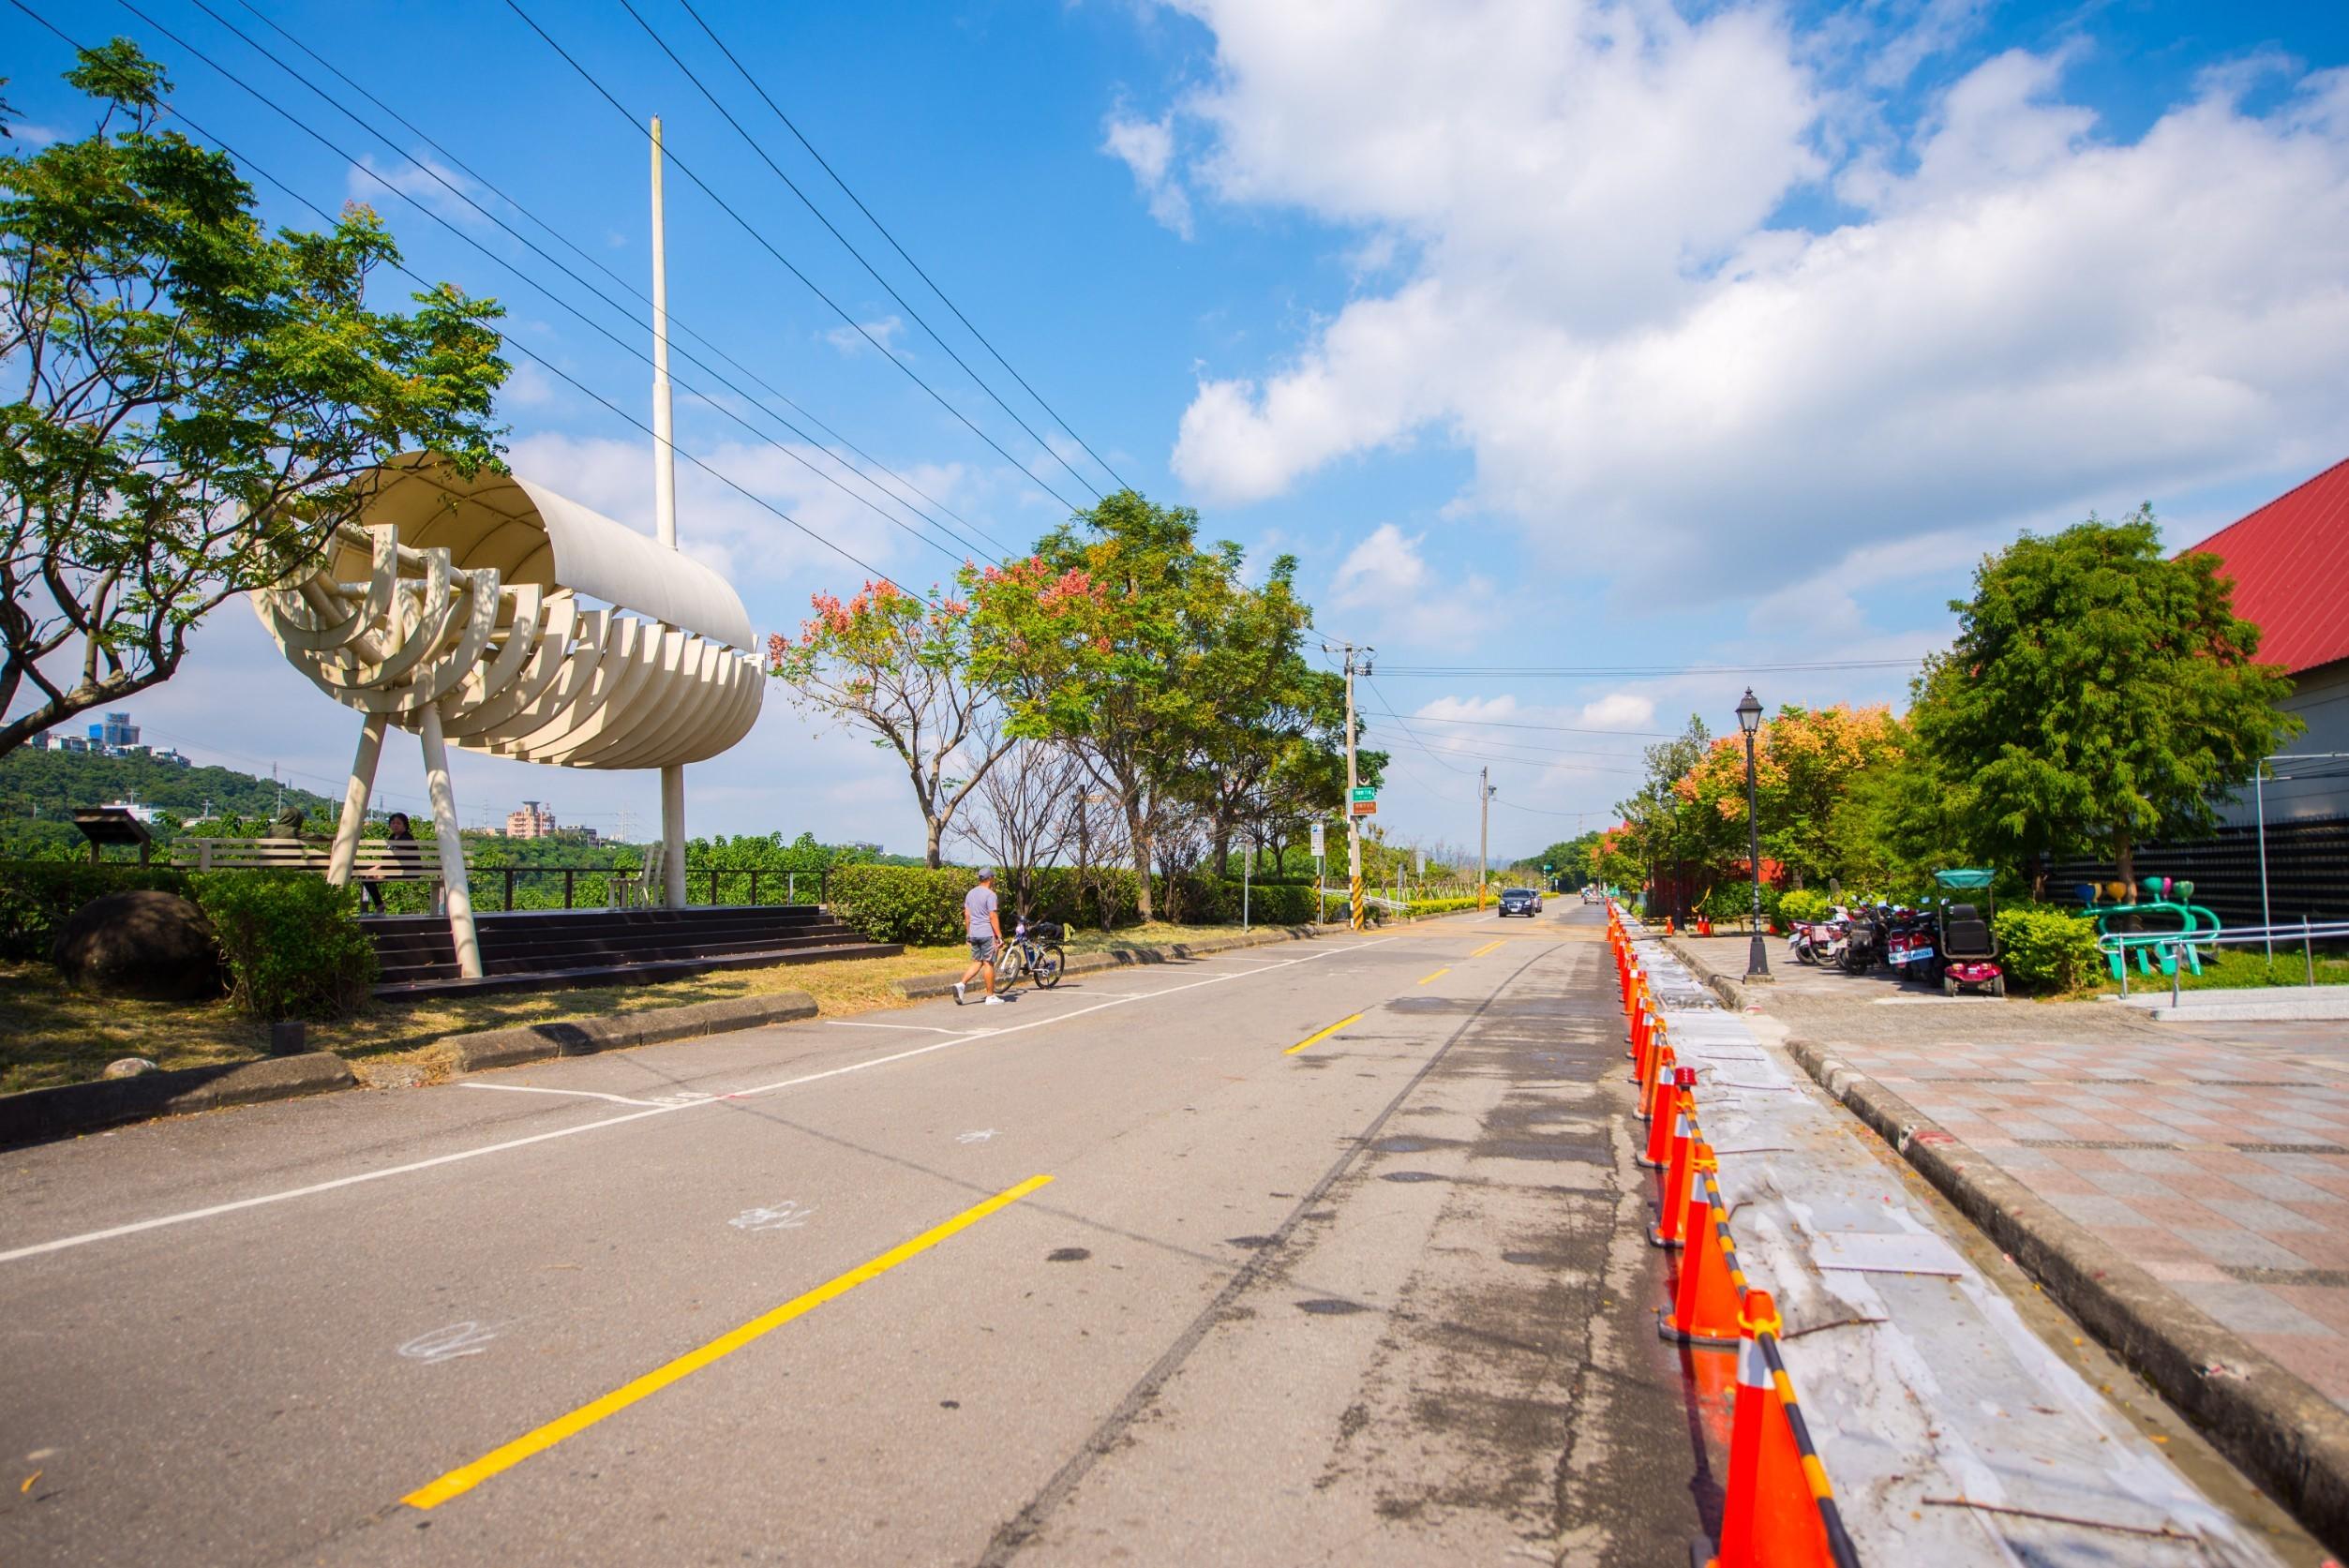 大溪區月眉防汛道路拓寬工程將讓月眉休閒農業區的交通條件大幅提升